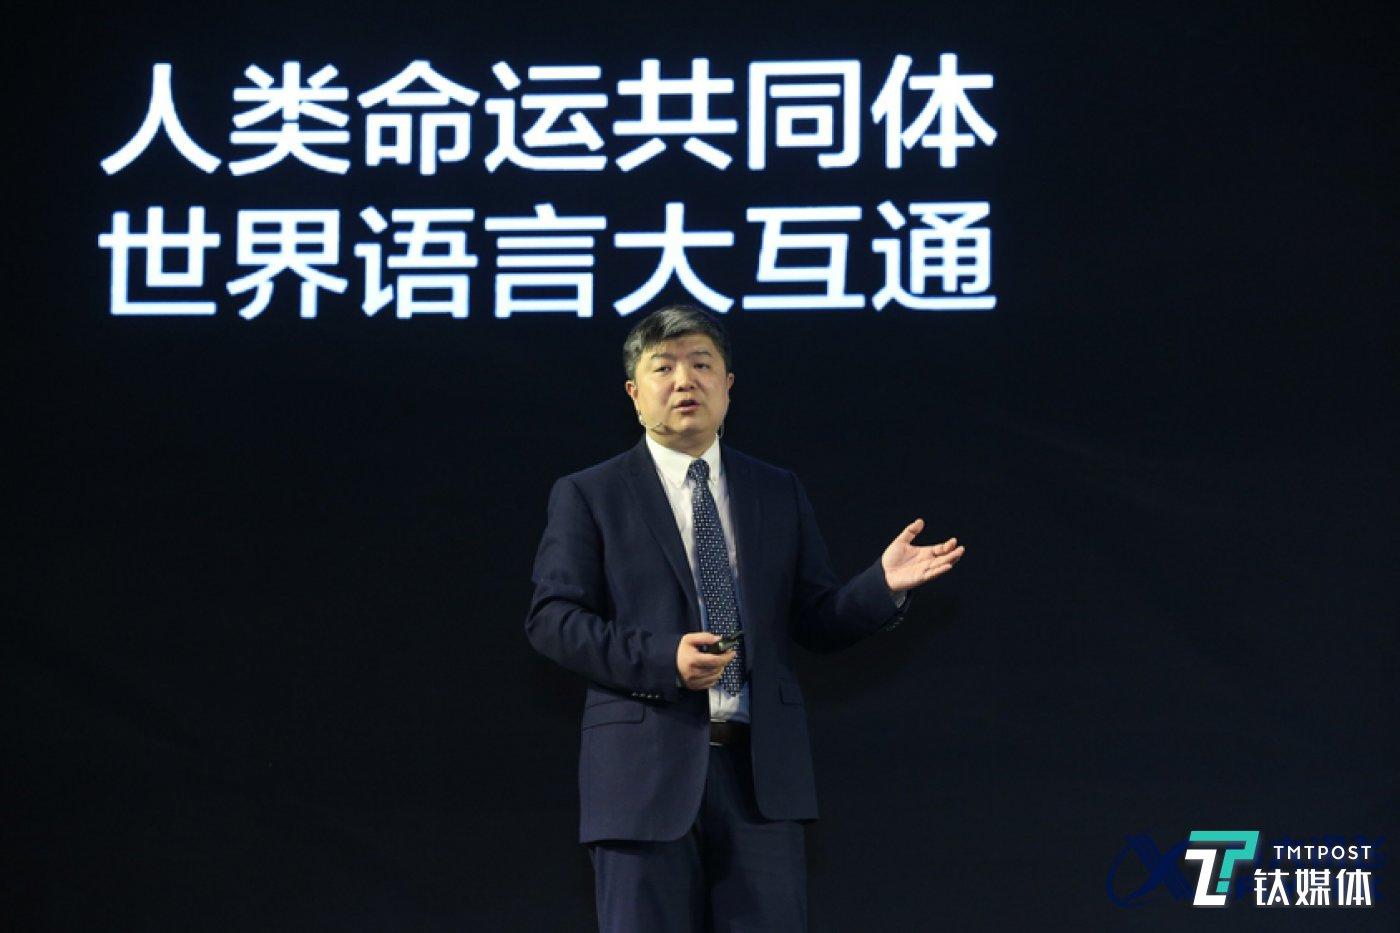 科大讯飞执行总裁、消费者BG总裁胡郁